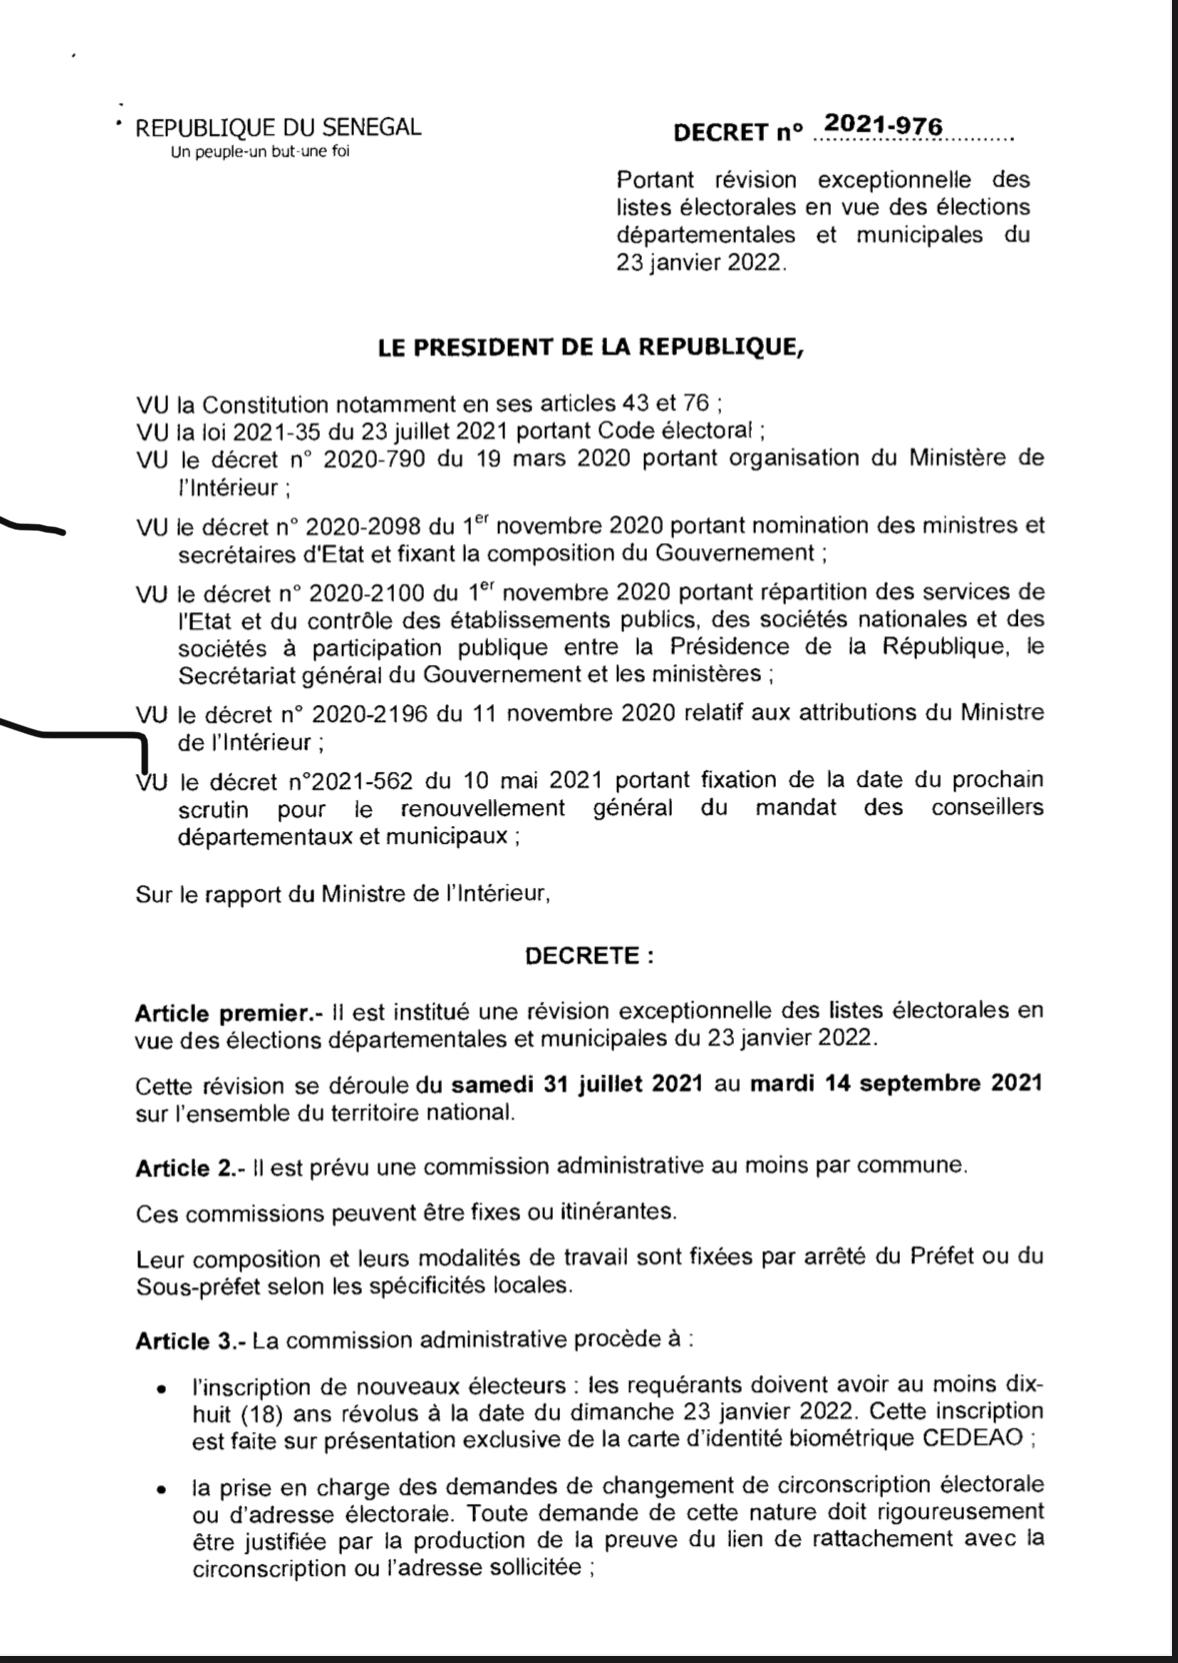 Elections locales 2022 : La révision exceptionnelle des listes électorales va se dérouler du 31 juillet au 14 septembre 2021. (Décret)